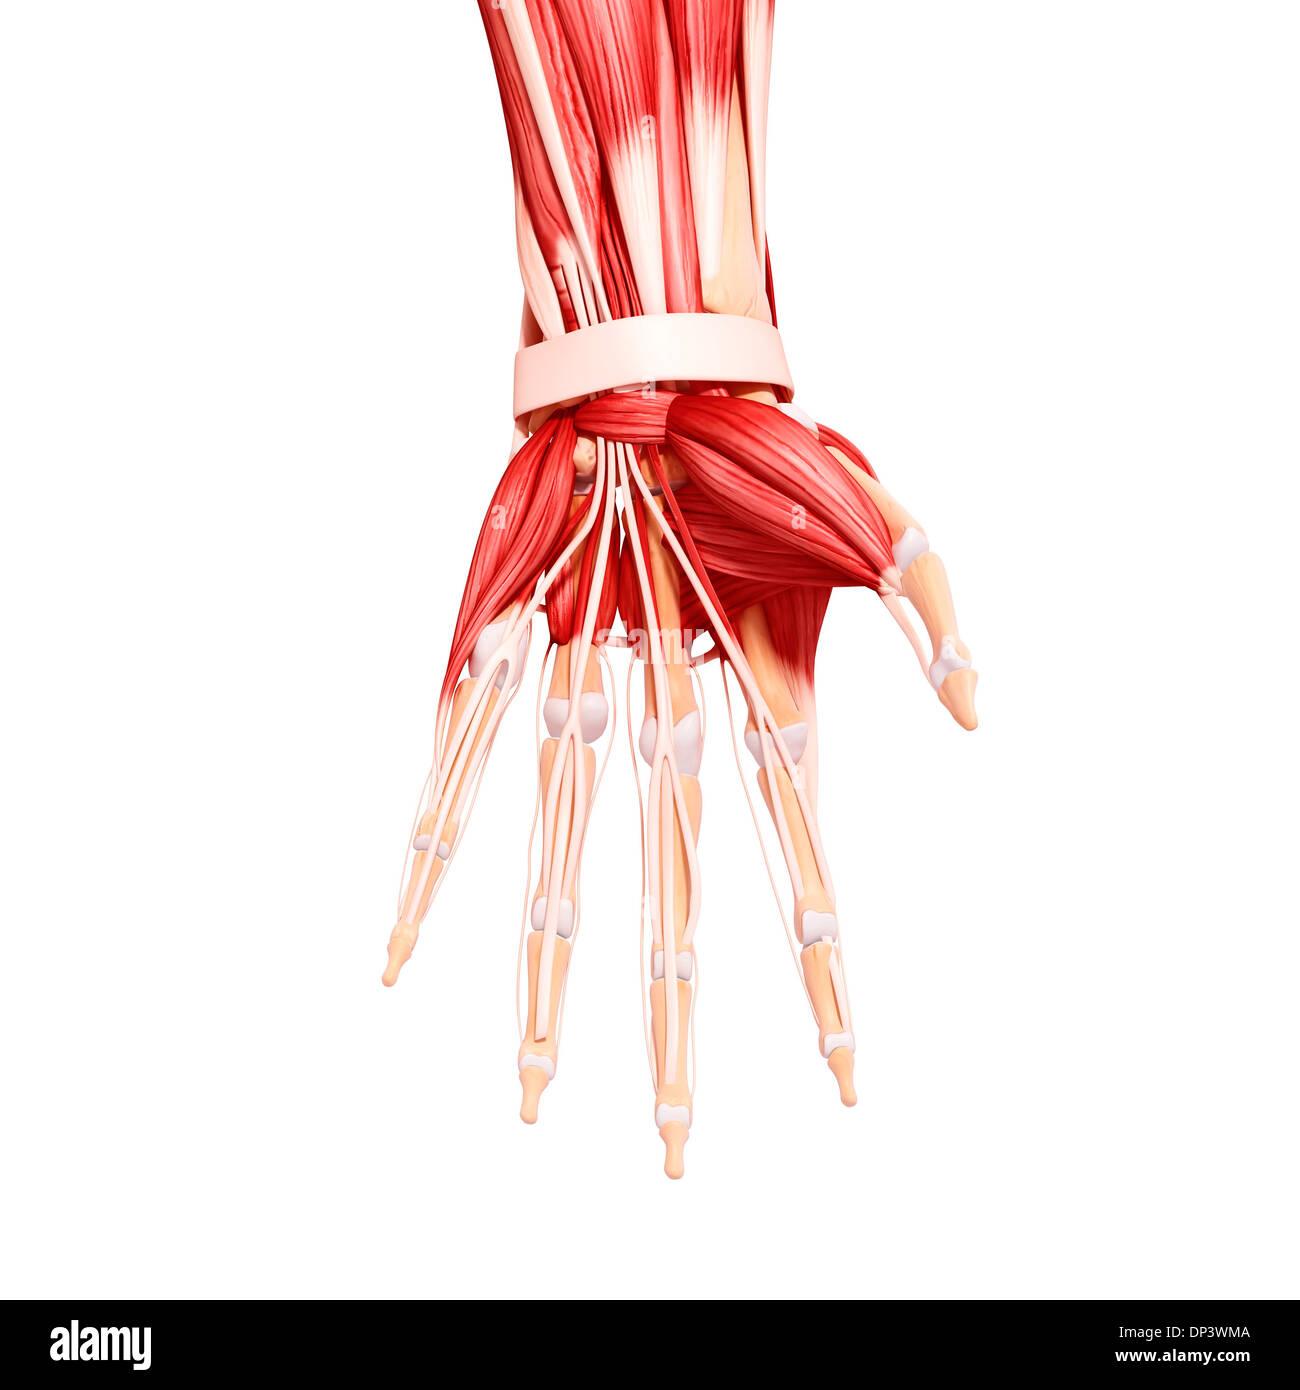 Erfreut Die Menschliche Hand Anatomie Bilder - Menschliche Anatomie ...